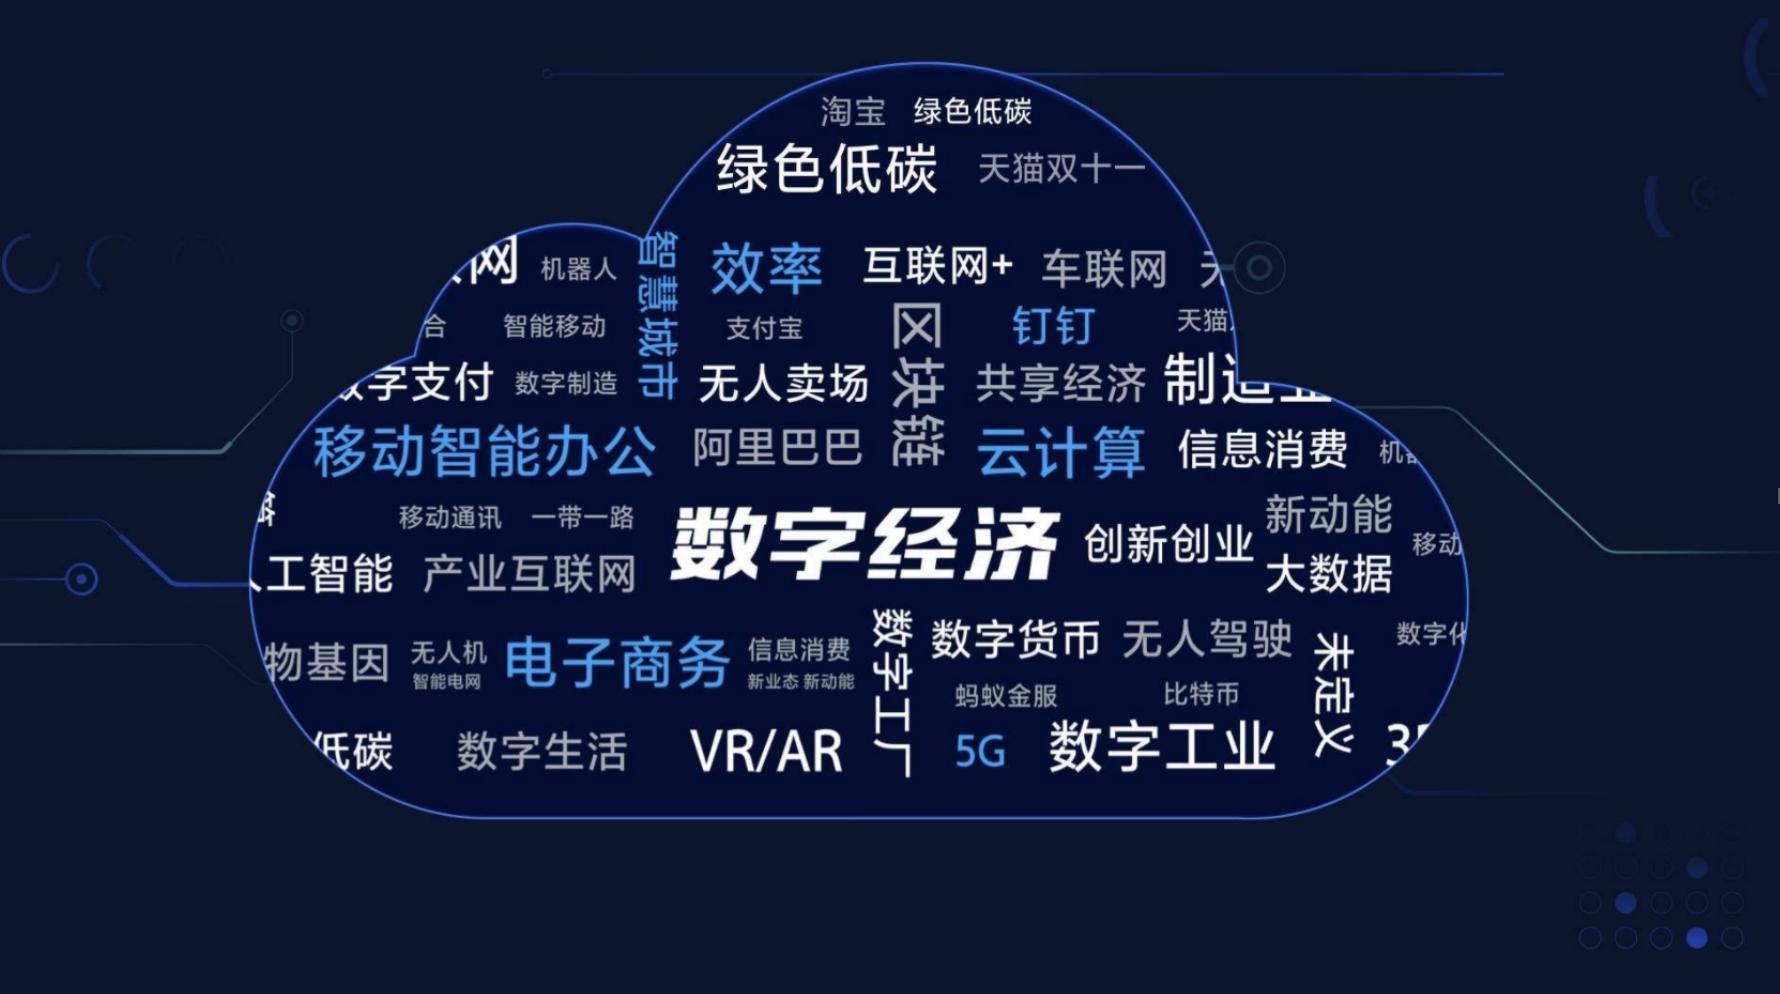 """各省市""""2020年数字经济""""发展规划一览 - 白鹿智库"""